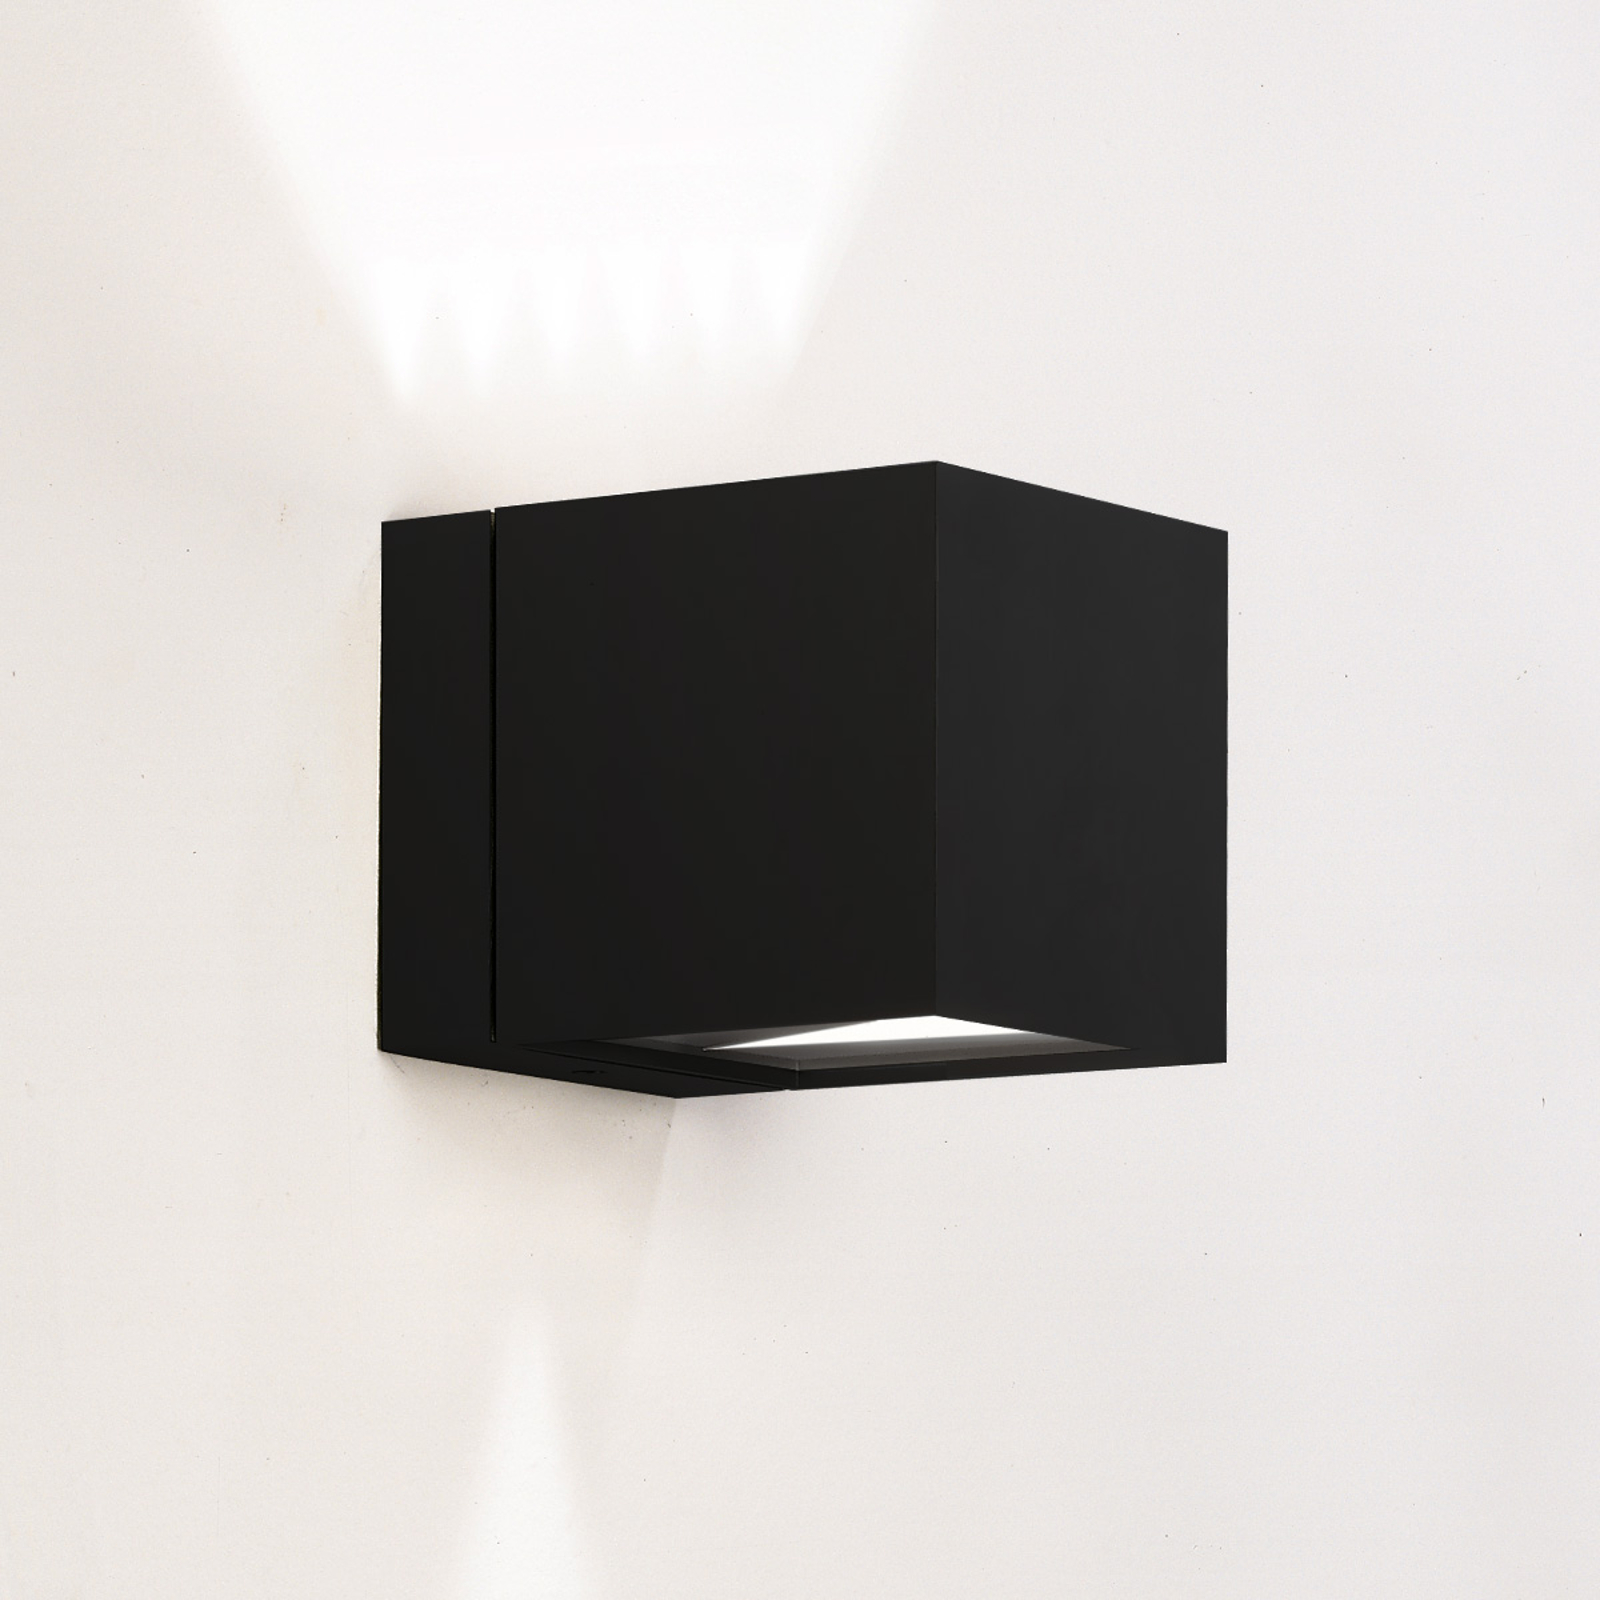 Kuutiomuotoinen Dau-alumiinivalaisin, musta